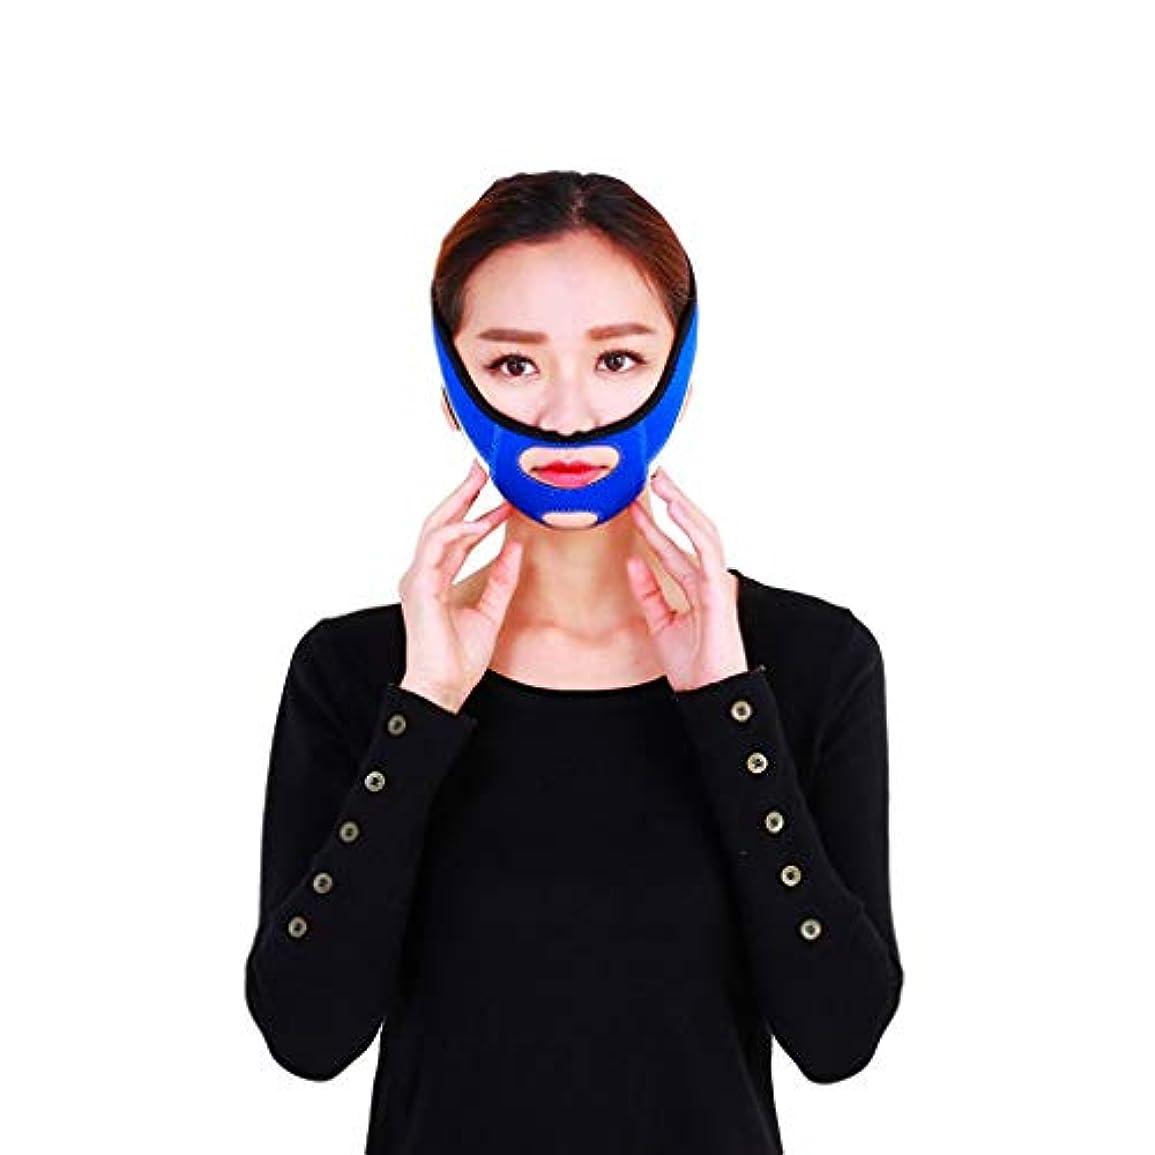 モールカップル物語滑り止め弾性ストレッチ包帯を強化するために口を調整する顔の顔のマスク